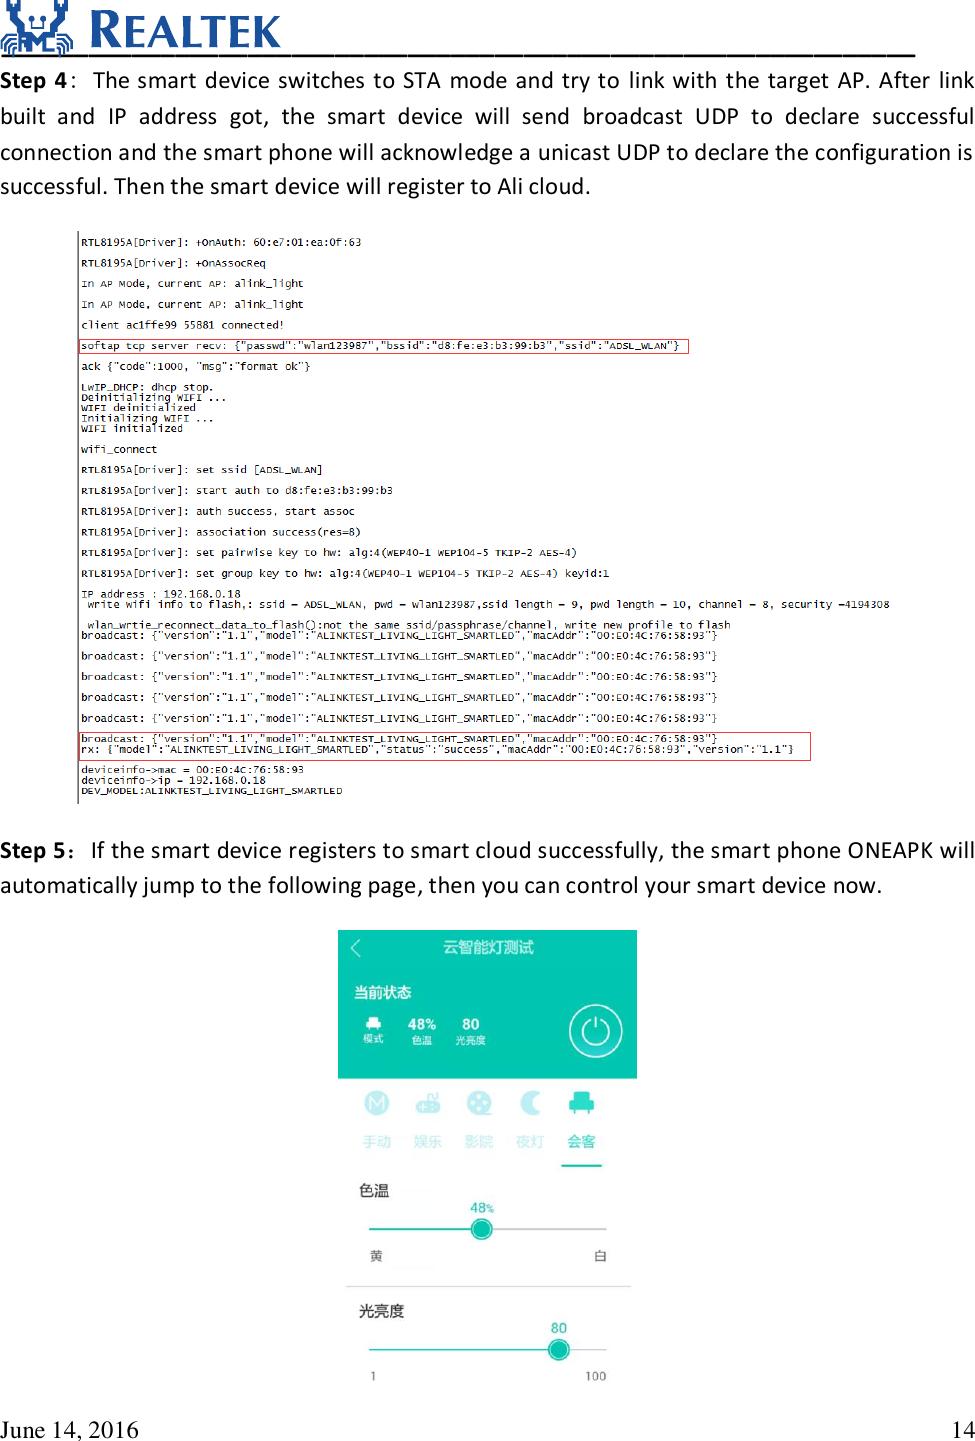 UM0094 Realtek Ameba 1 Alink User Guide